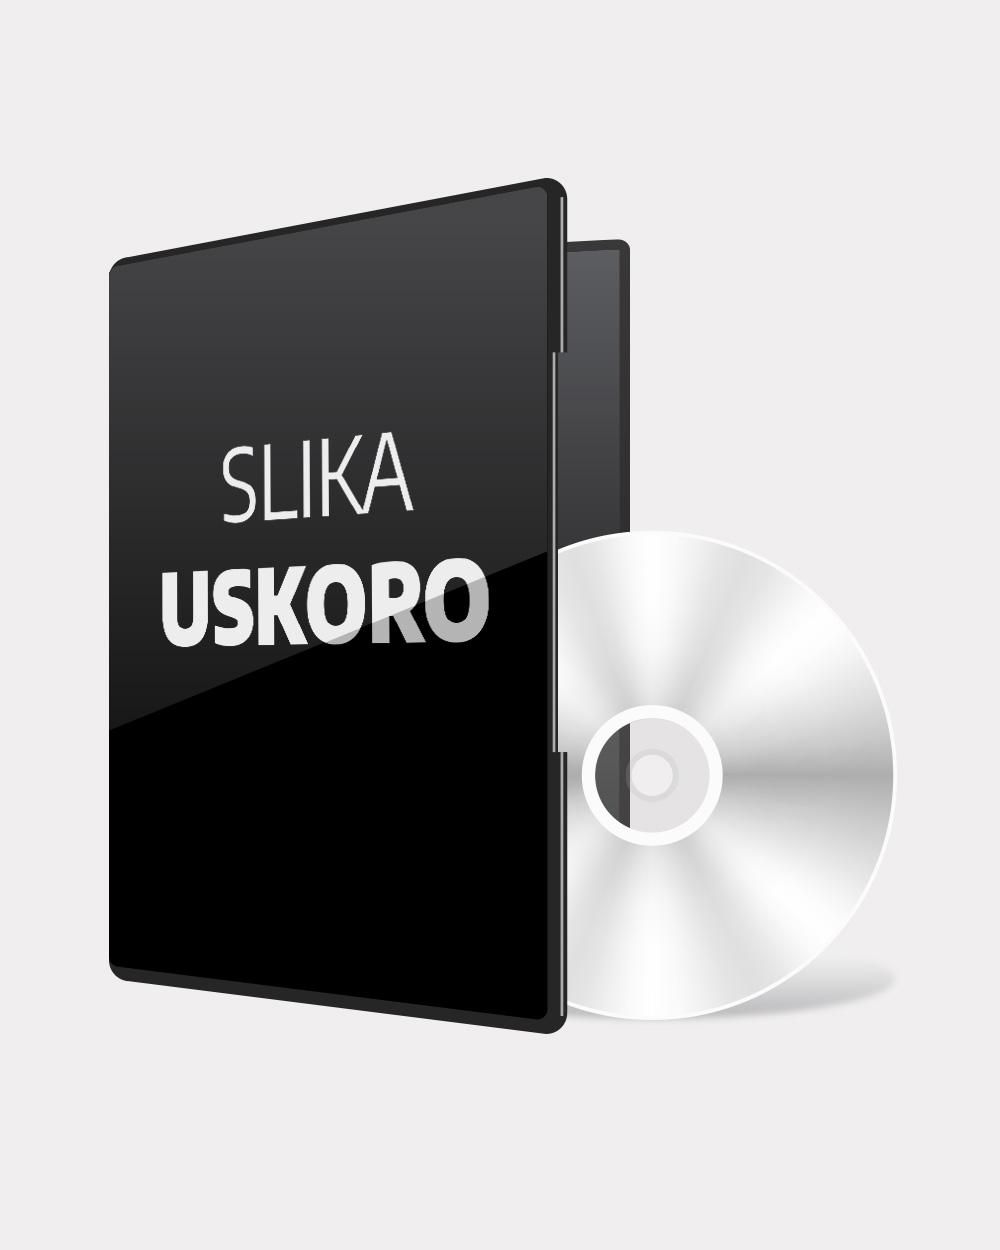 PS4 Darkest Dungeon